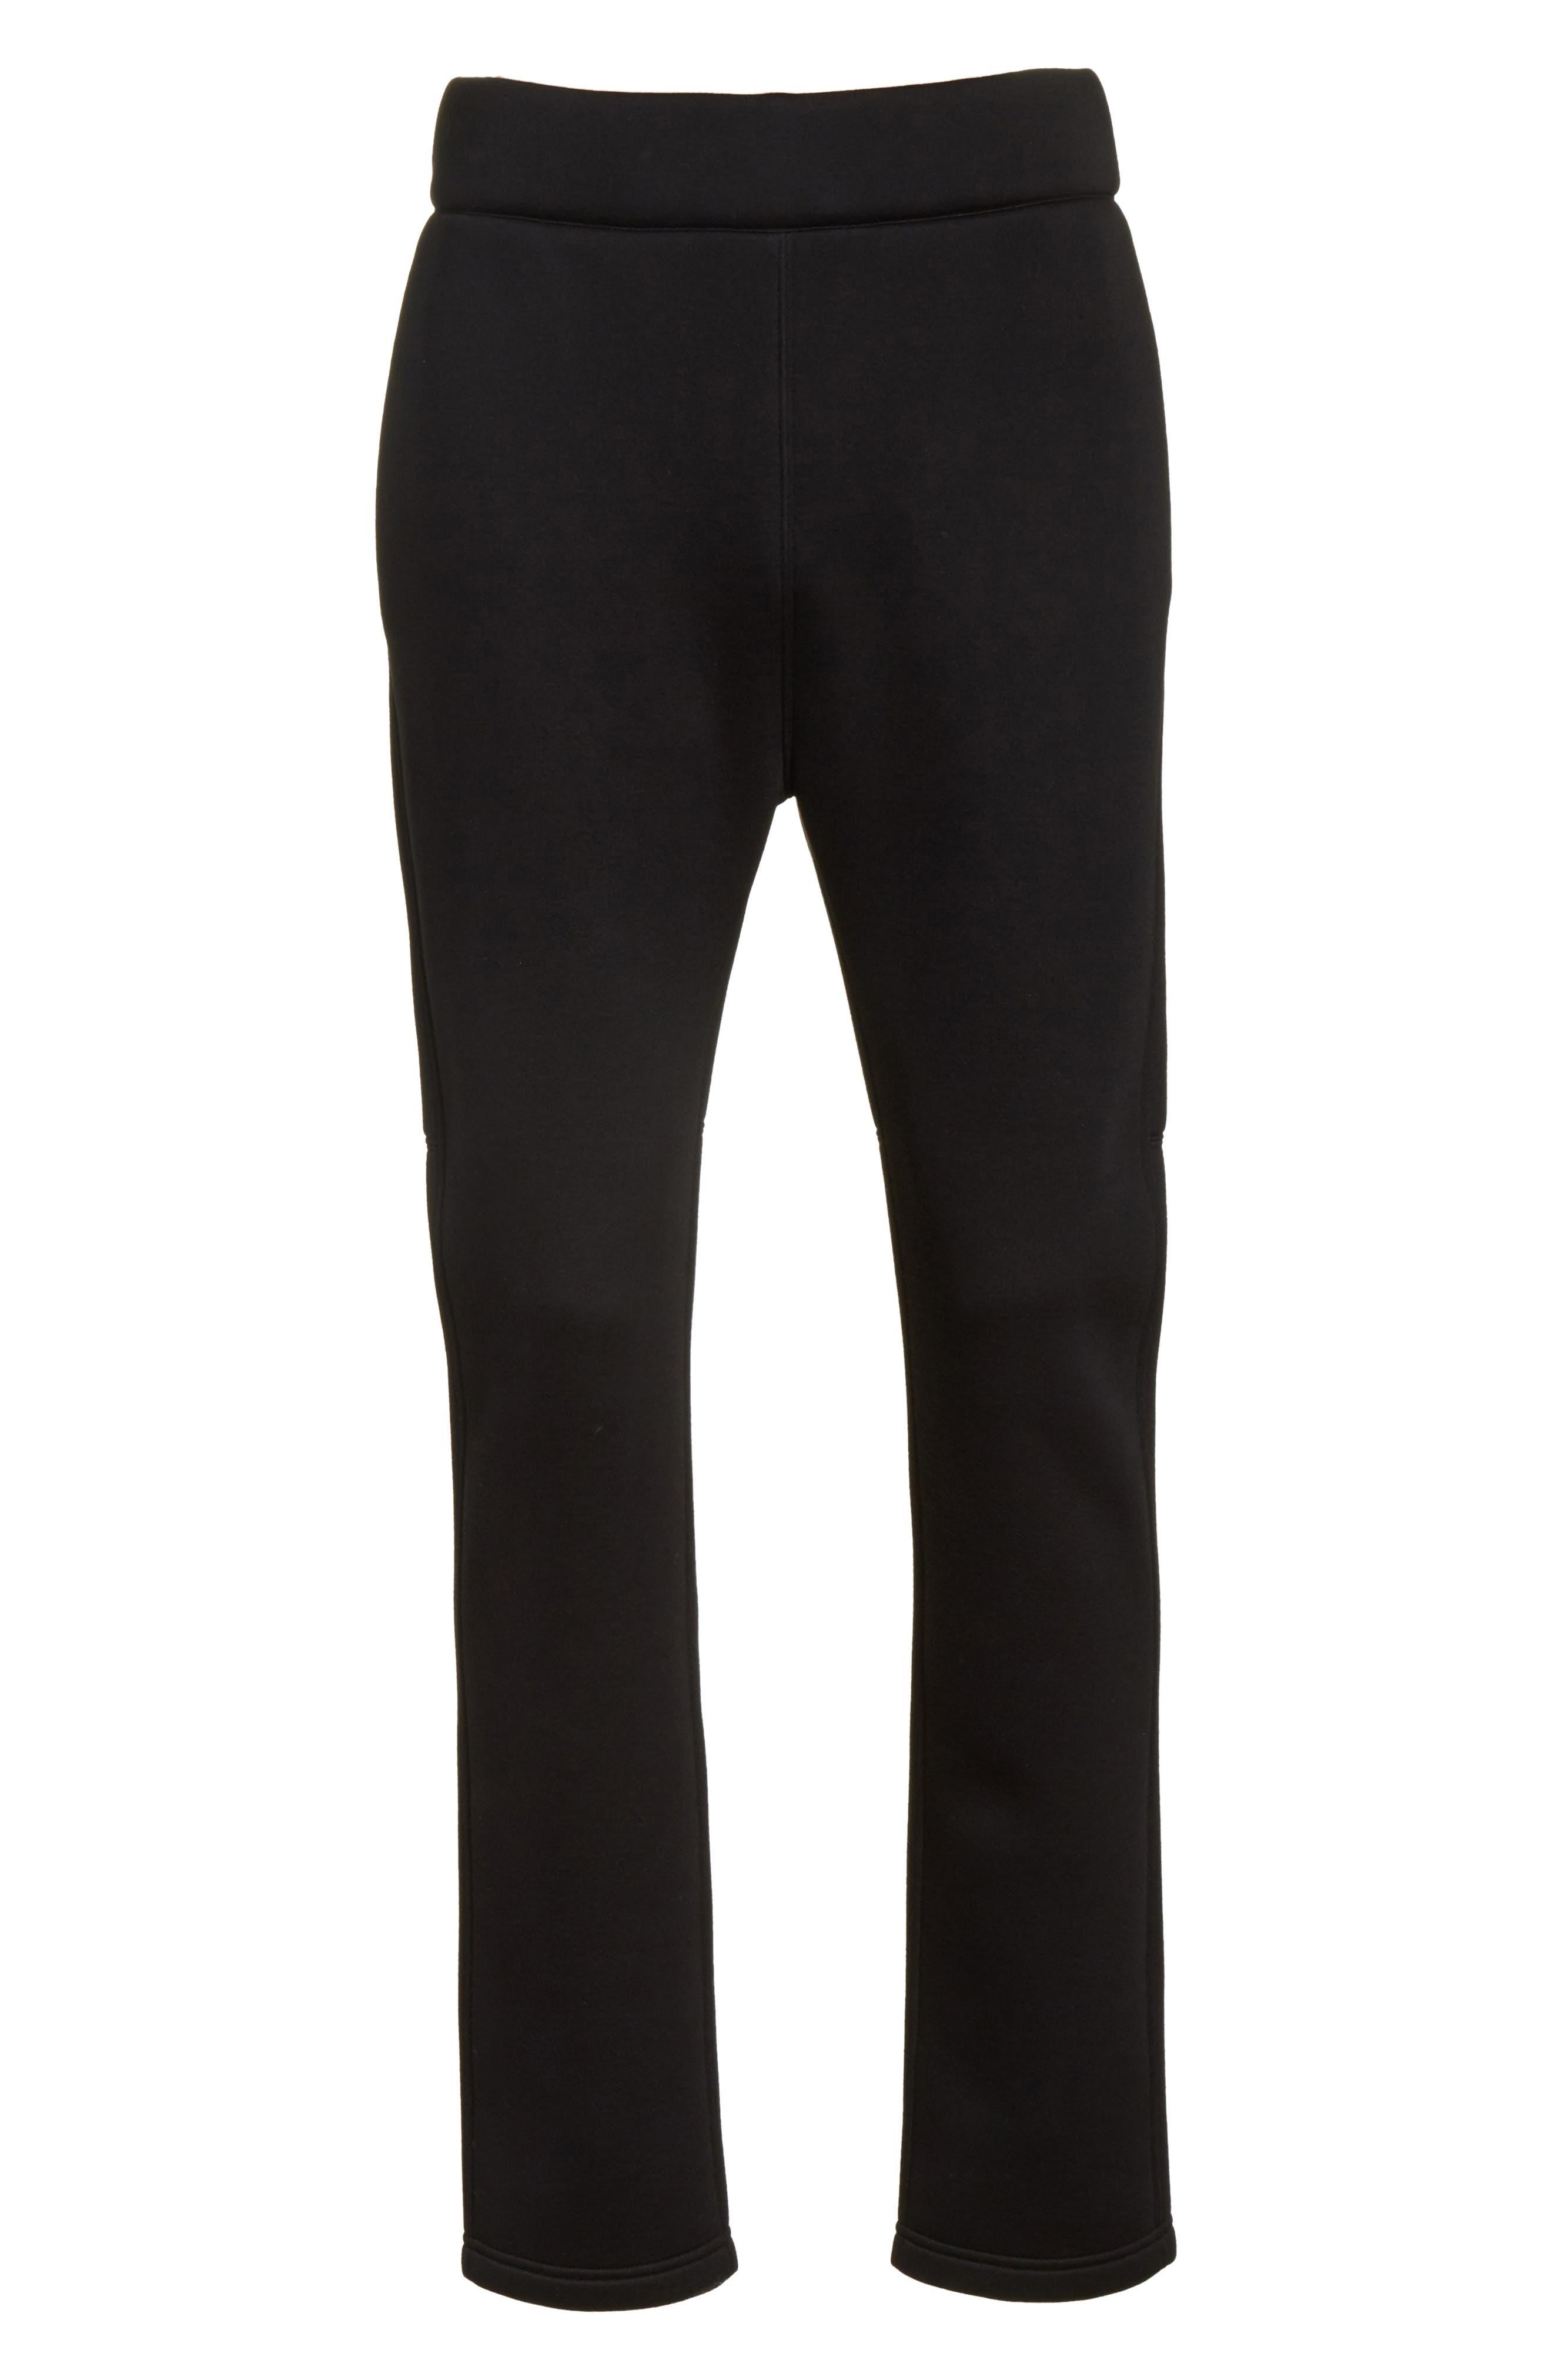 Straight Leg Jogger Pants,                             Alternate thumbnail 6, color,                             Black